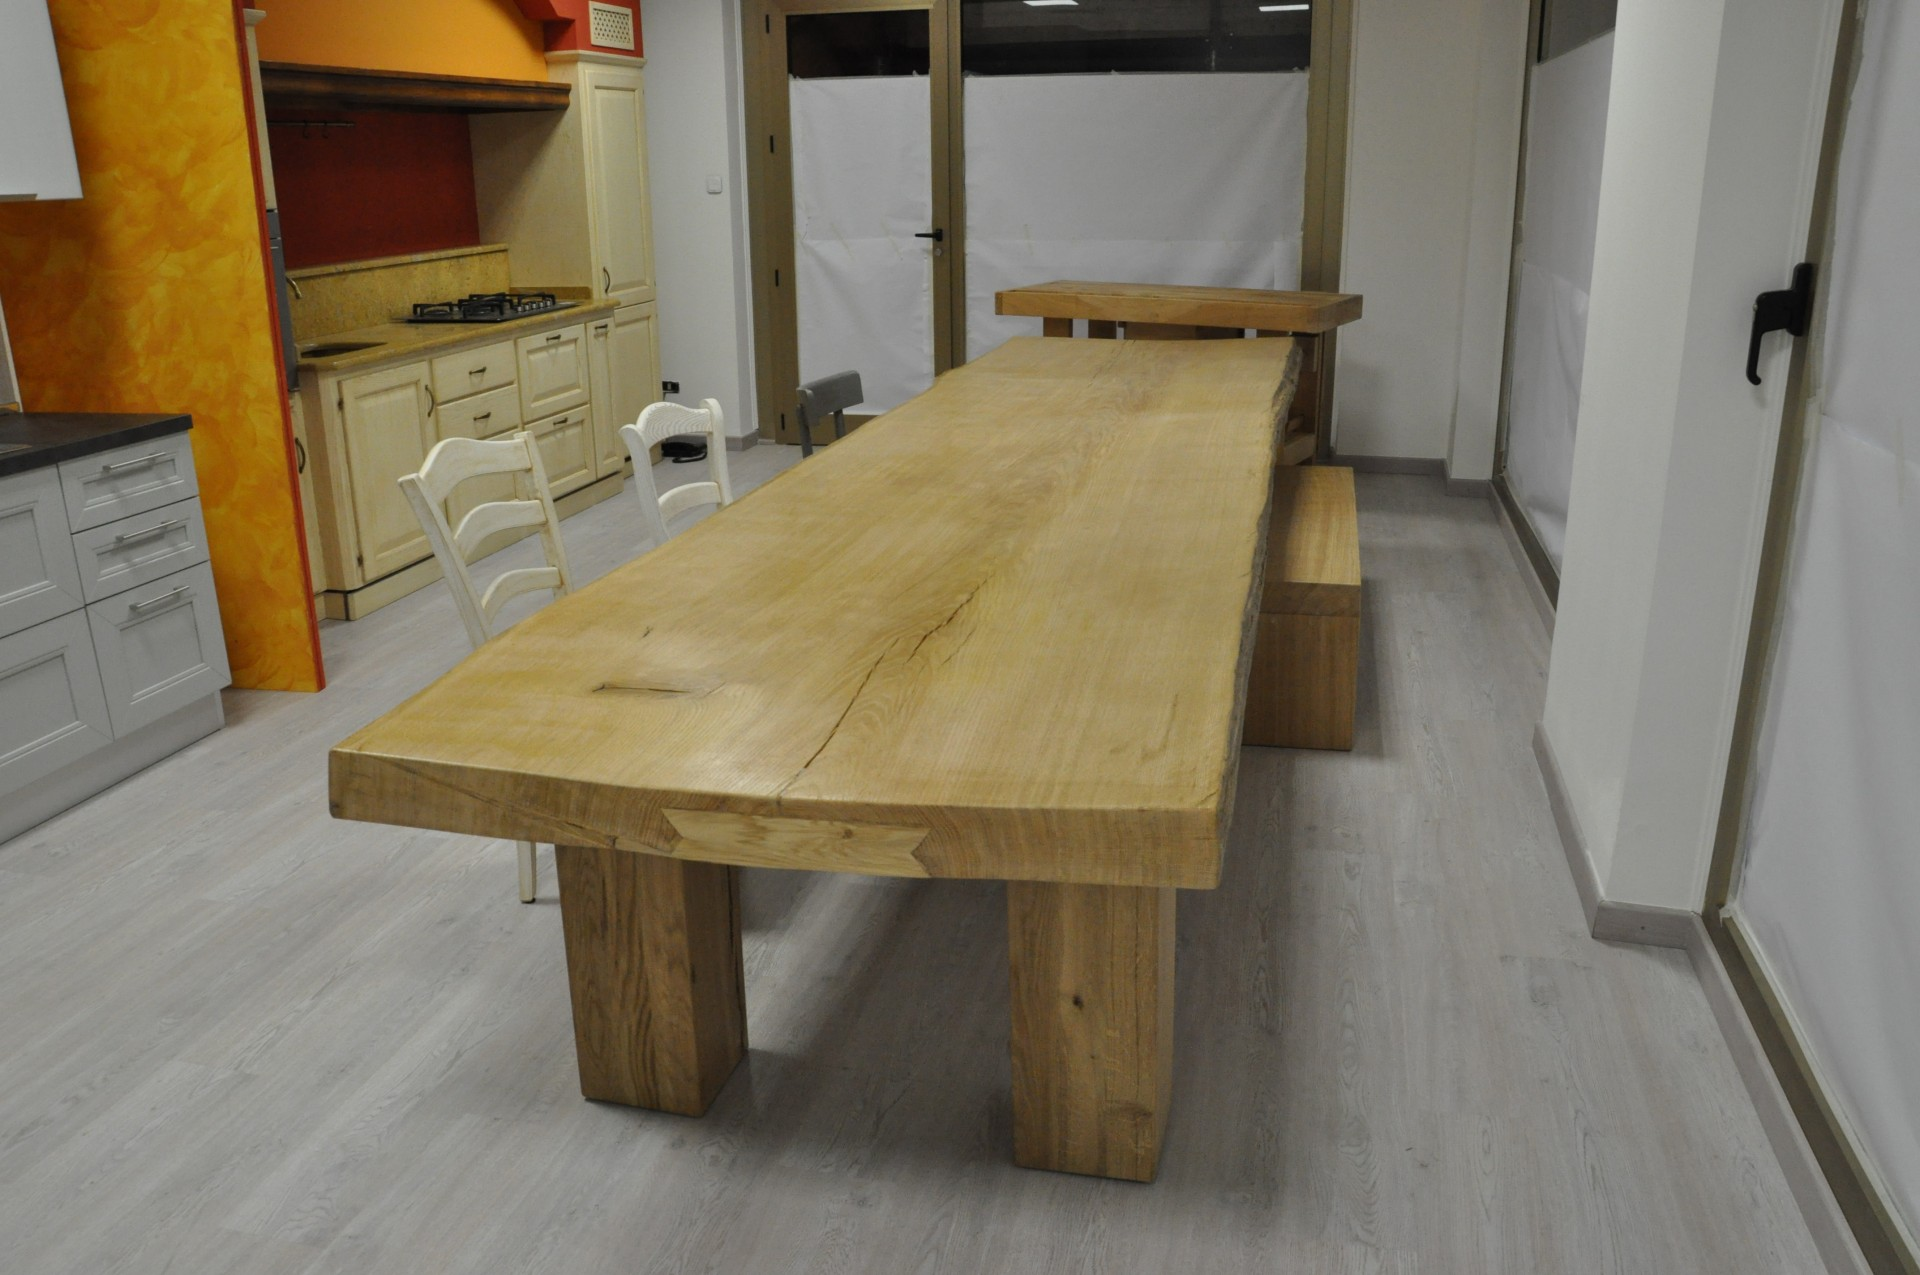 Tavolo in asse unica fadini mobili cerea verona - Tavoli per cucina in legno ...